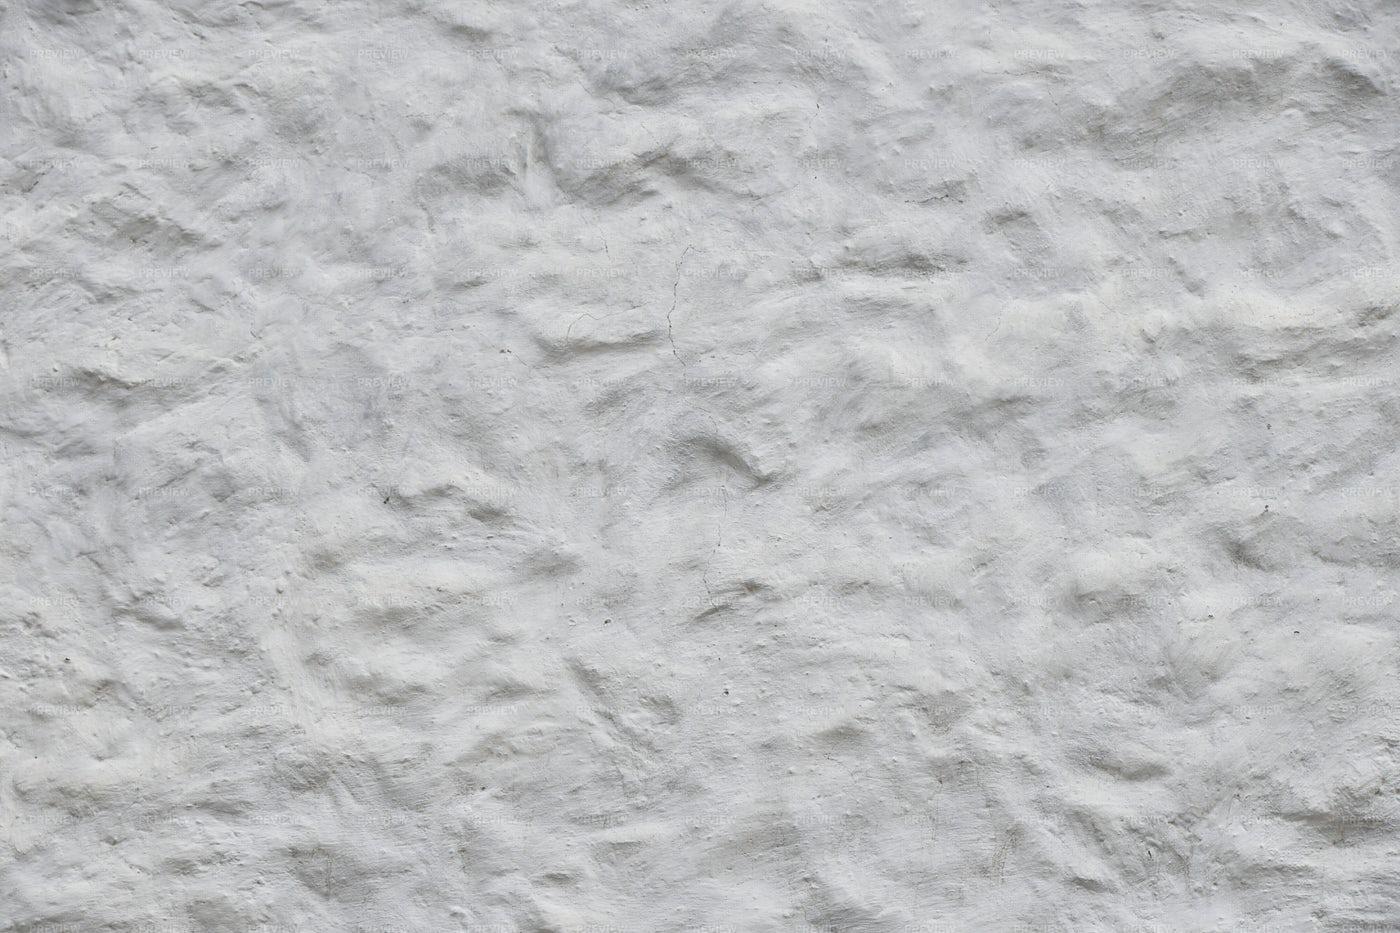 White Plaster Wall: Stock Photos